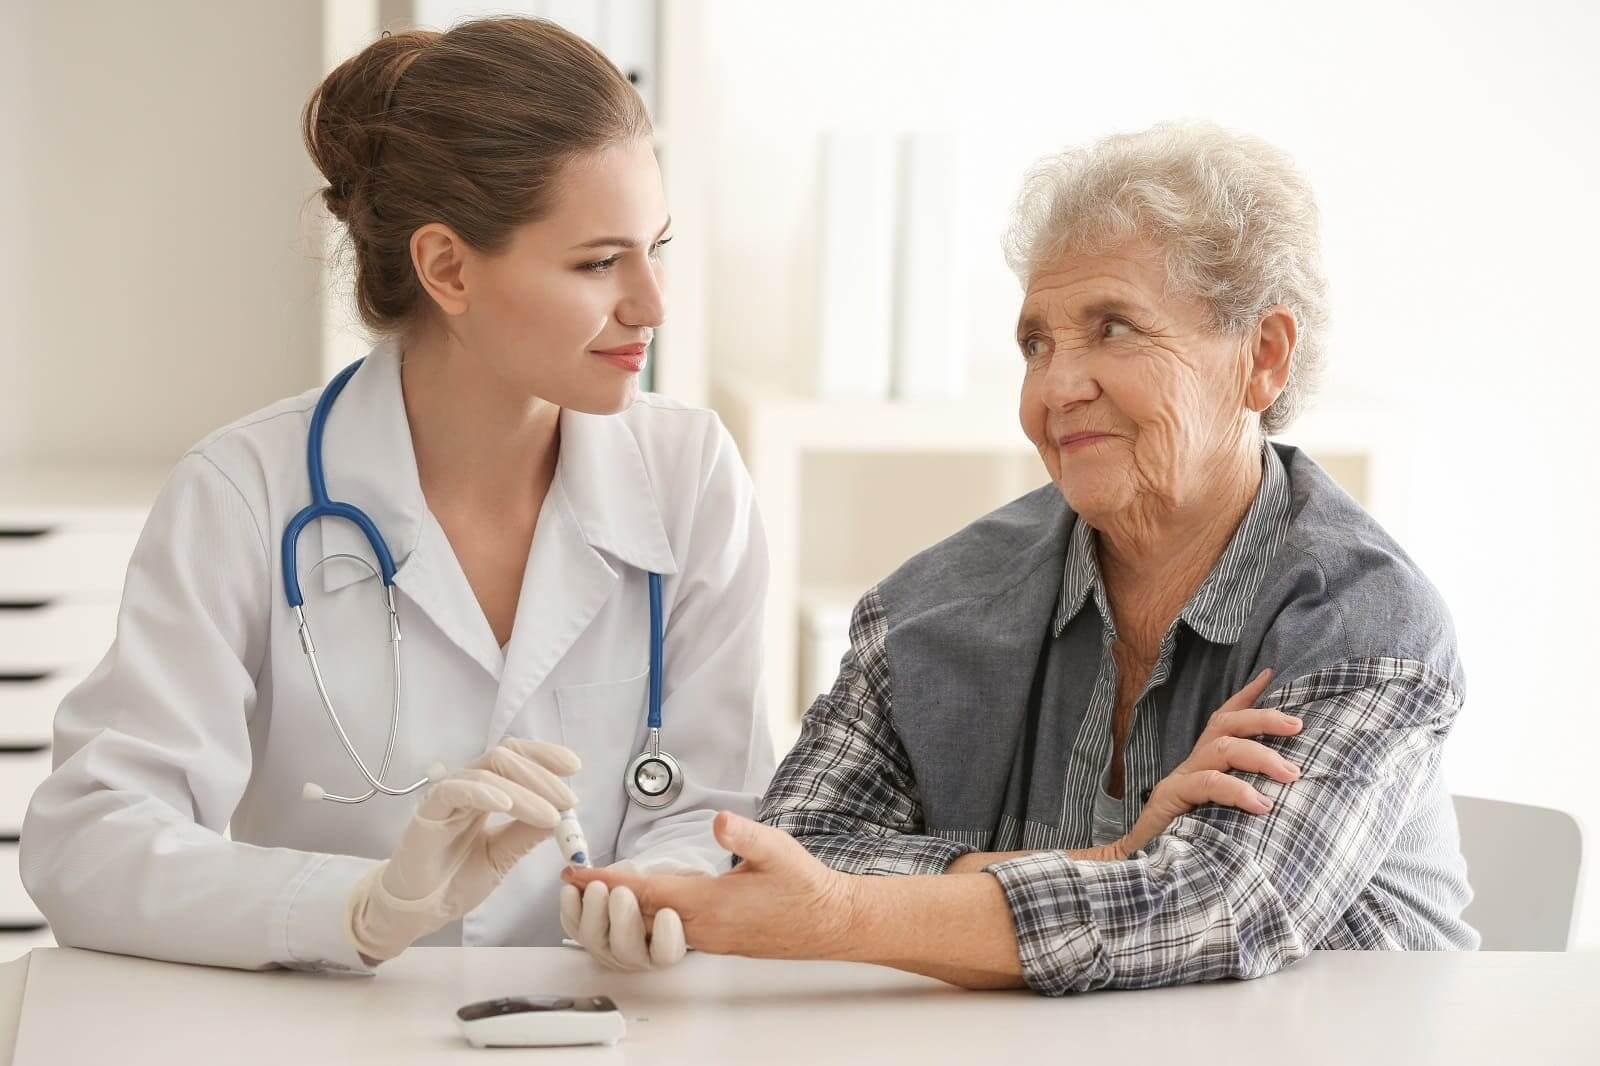 врач осматривает женщину и берет кровь